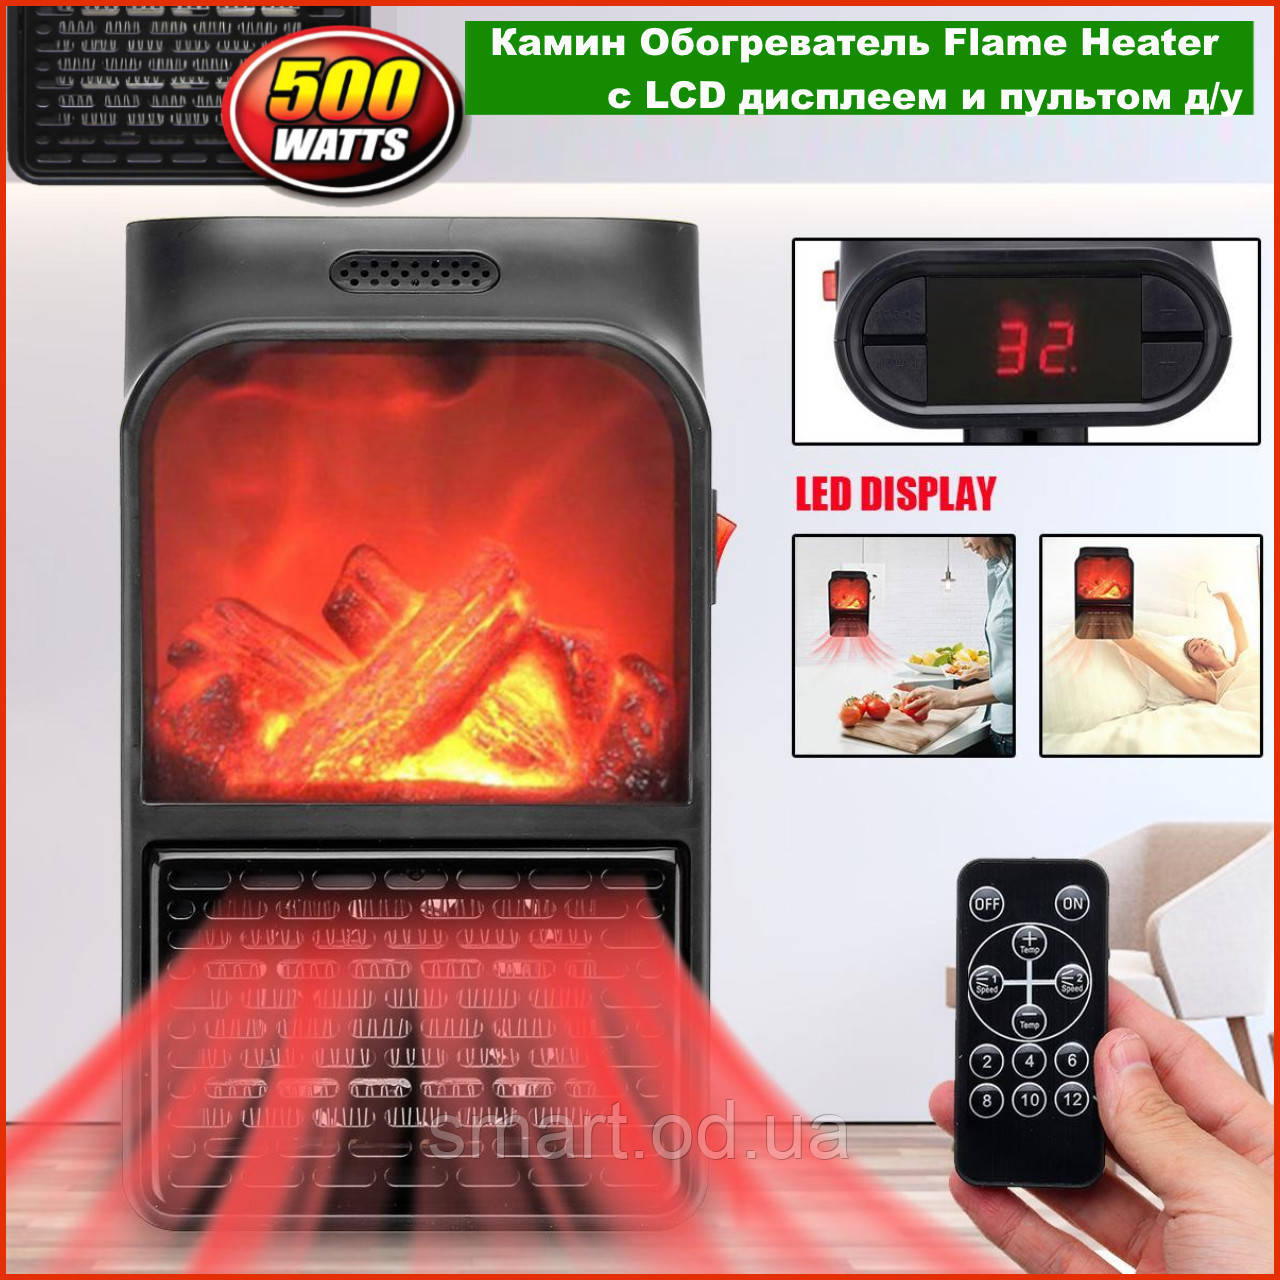 Обогреватель Портативный FLAME HEATER 500w с LCD-дисплеем, пультом Д/У и имитацией камина